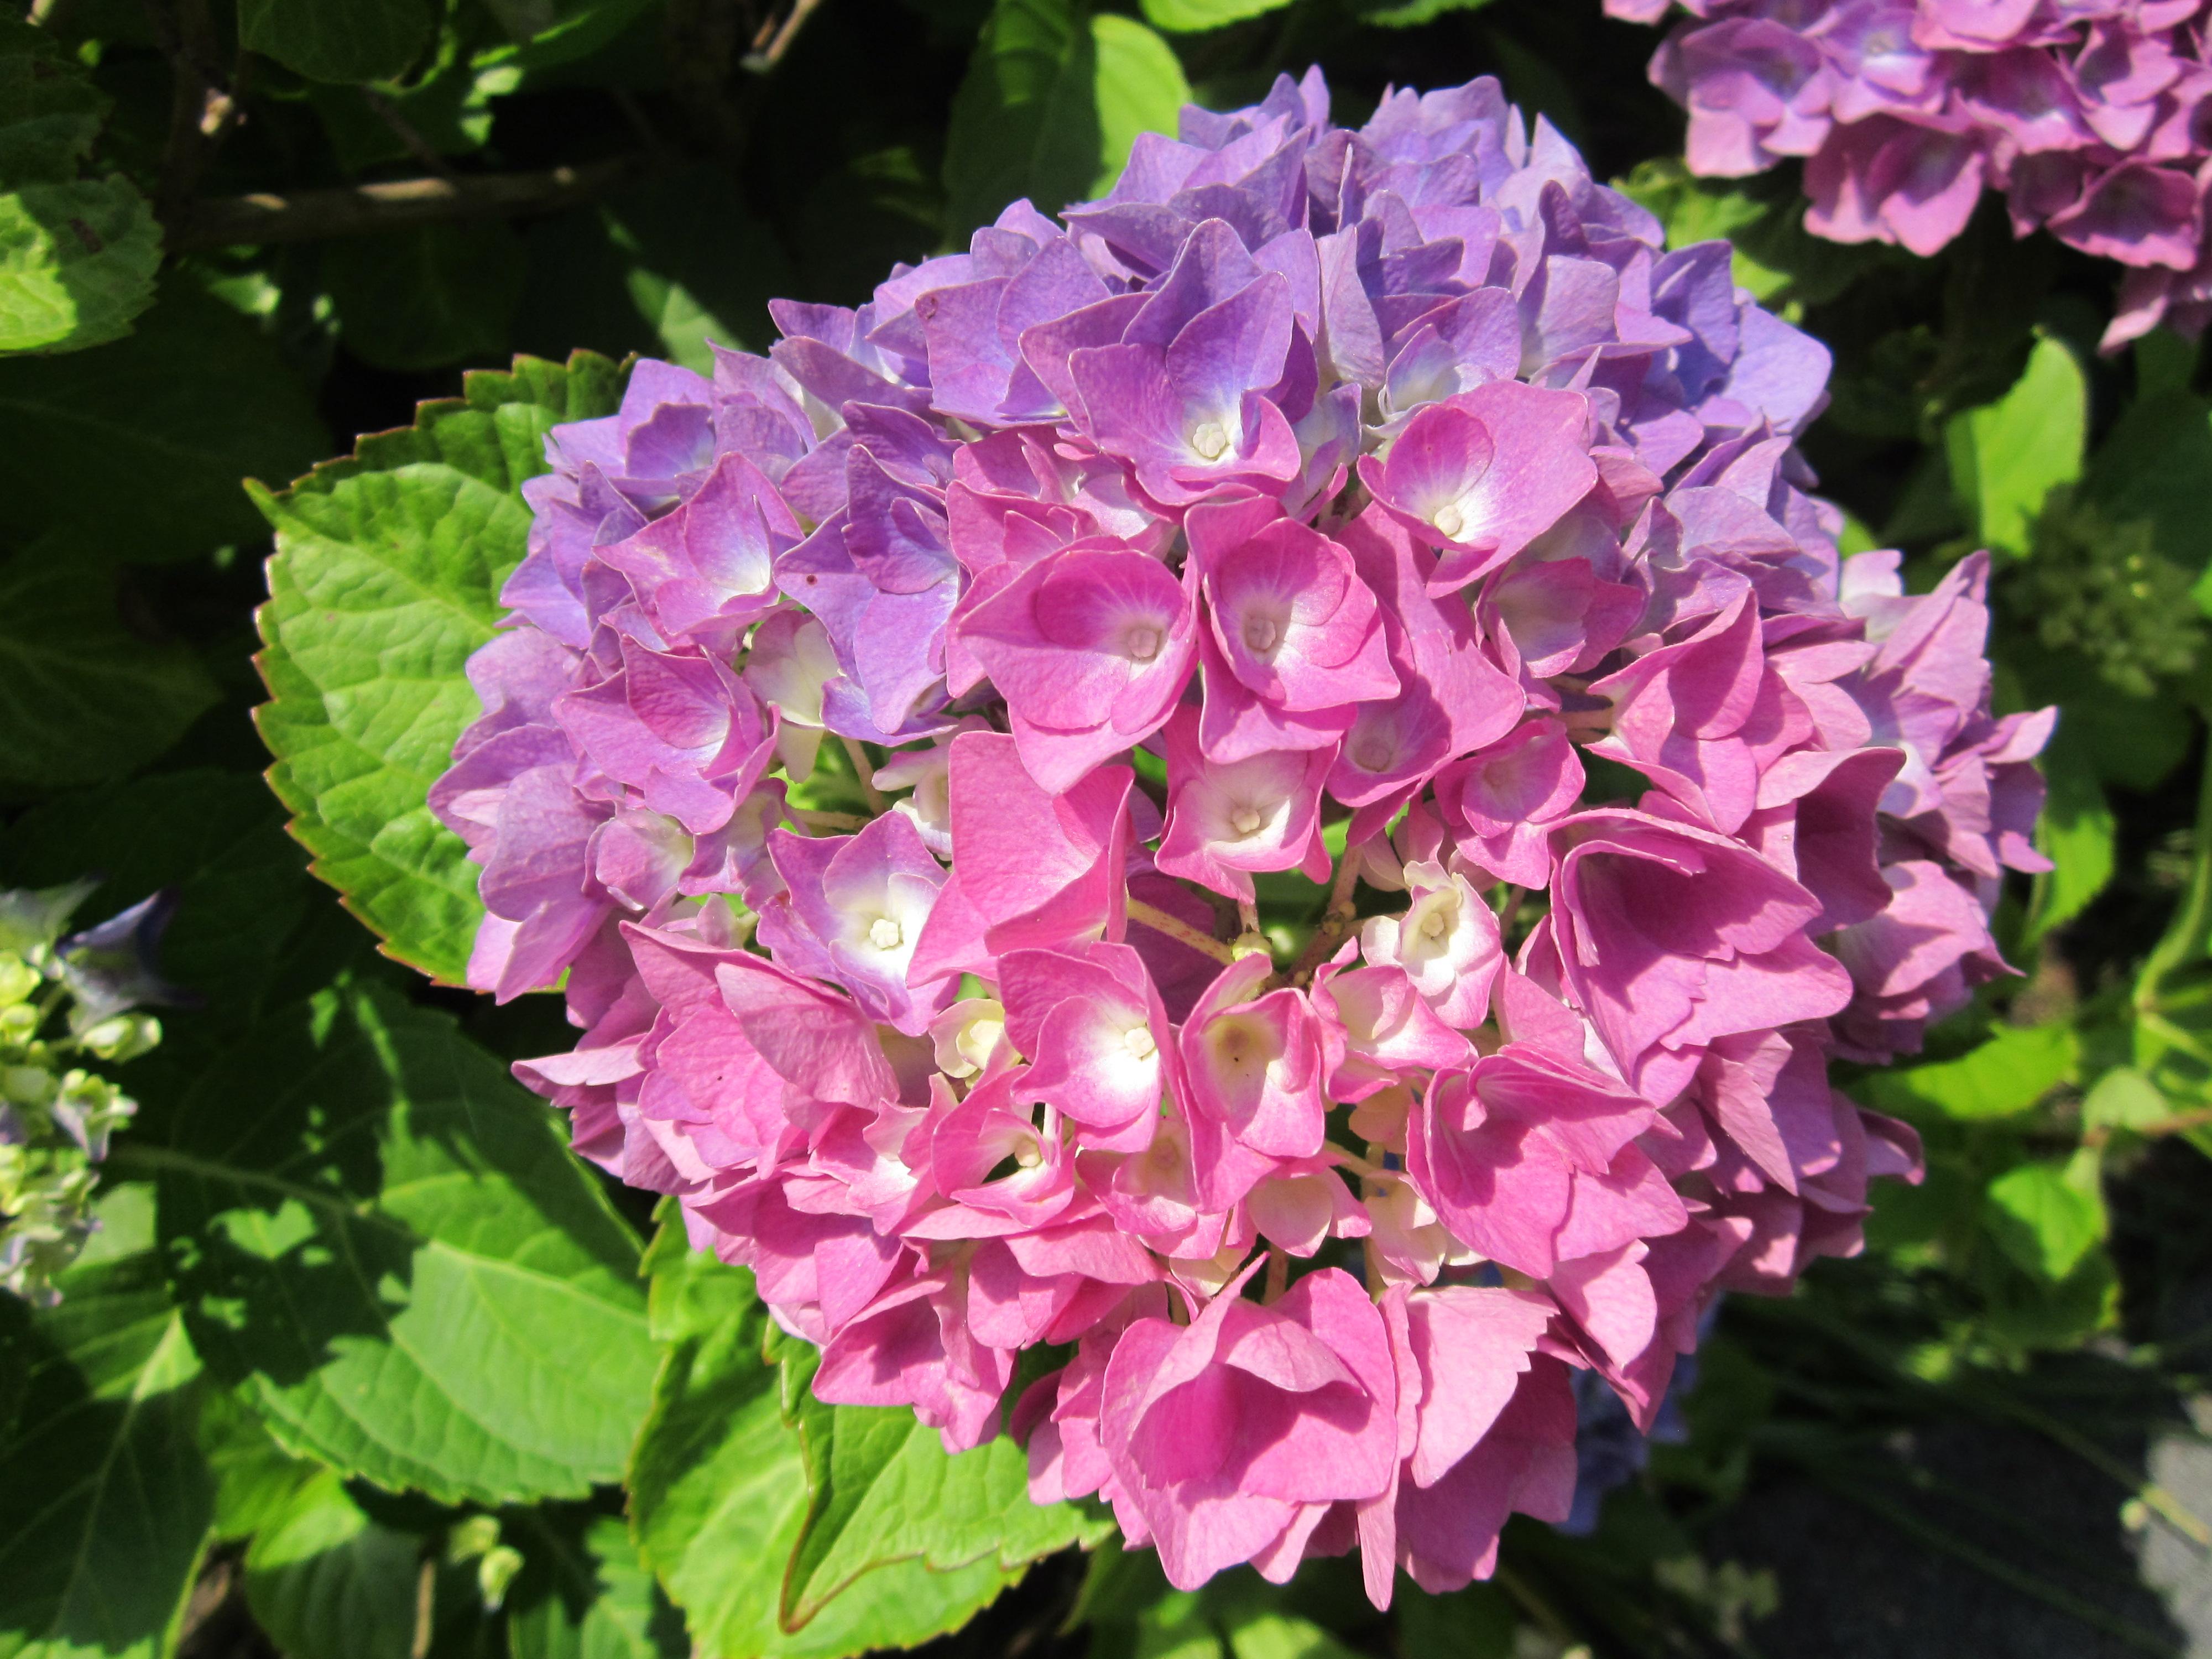 Pink hydrangea flower photo